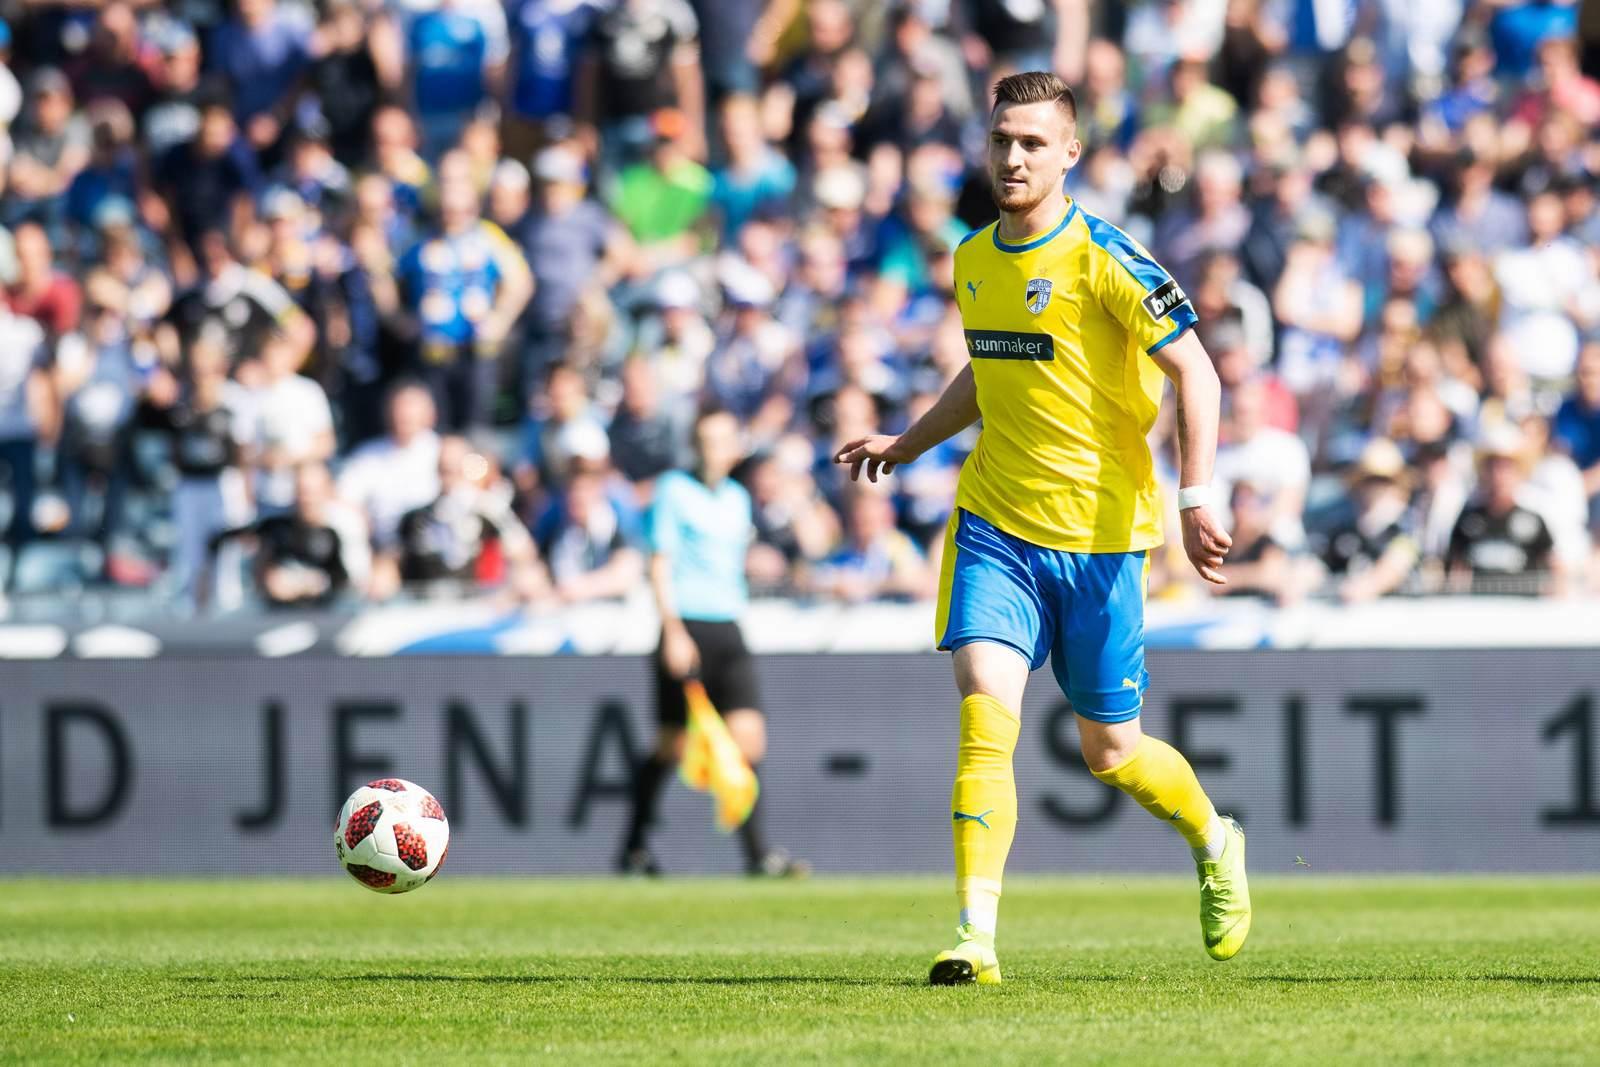 Maximilian Wolfram am Ball für den FC Carl Zeiss Jena